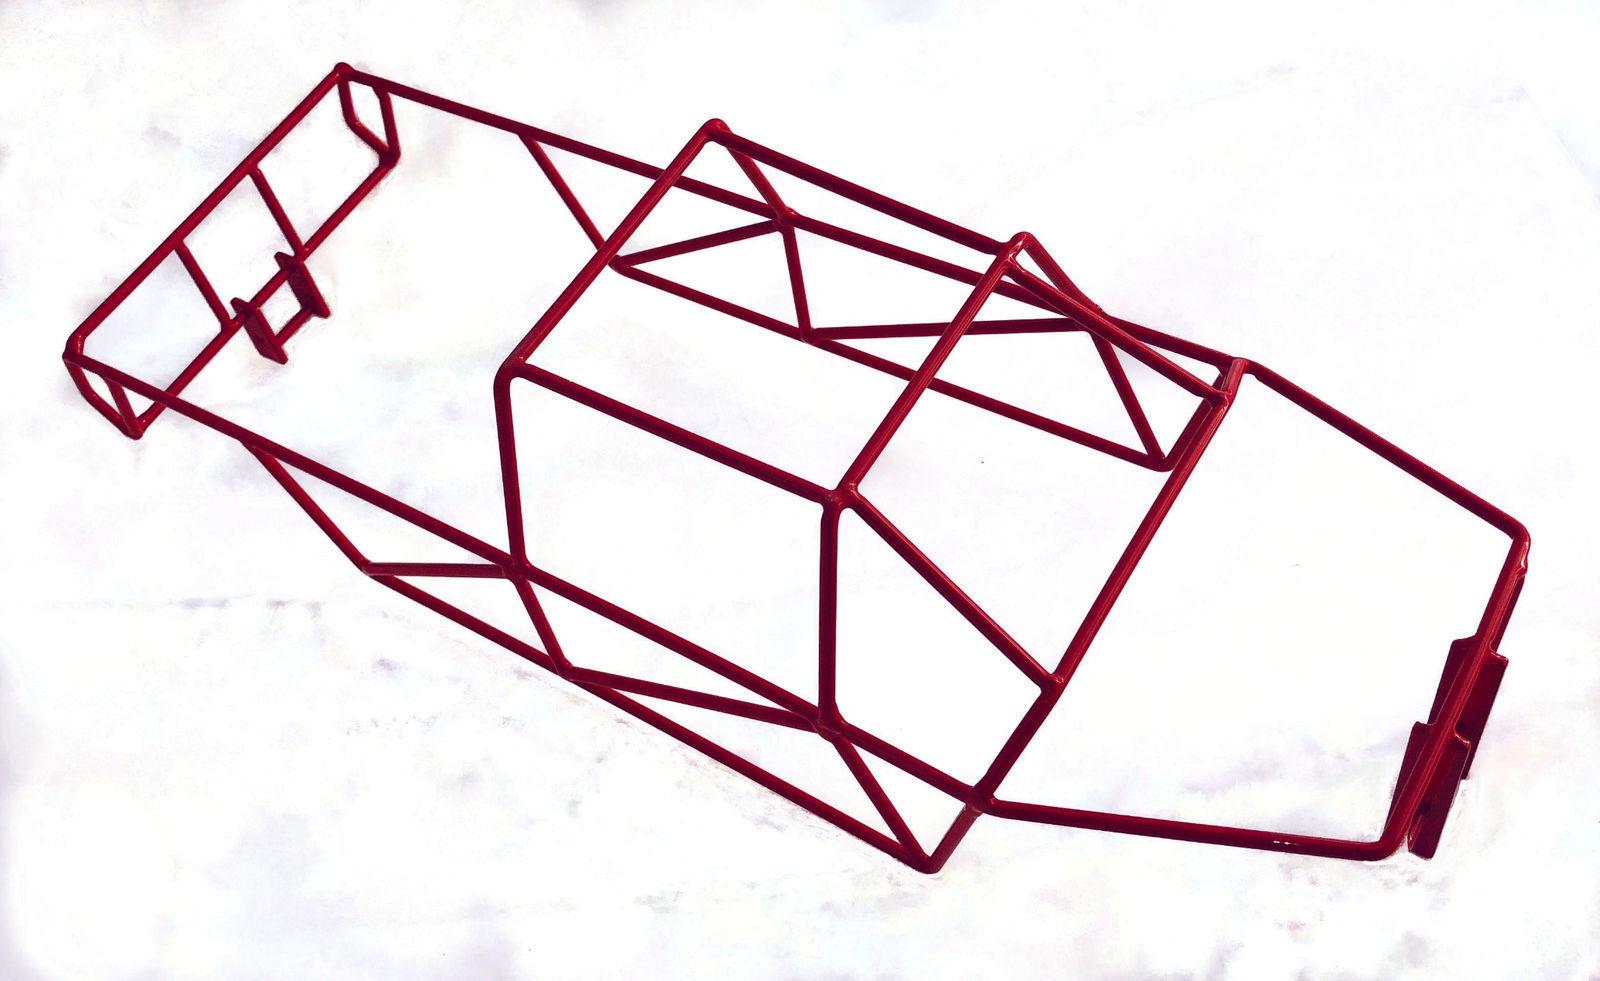 economico e di alta qualità TRAXXAS T-Maxx 4908 4907 Gloss rosso Full Full Full Roll Cage R C Raven NIP   consegna gratuita e veloce disponibile